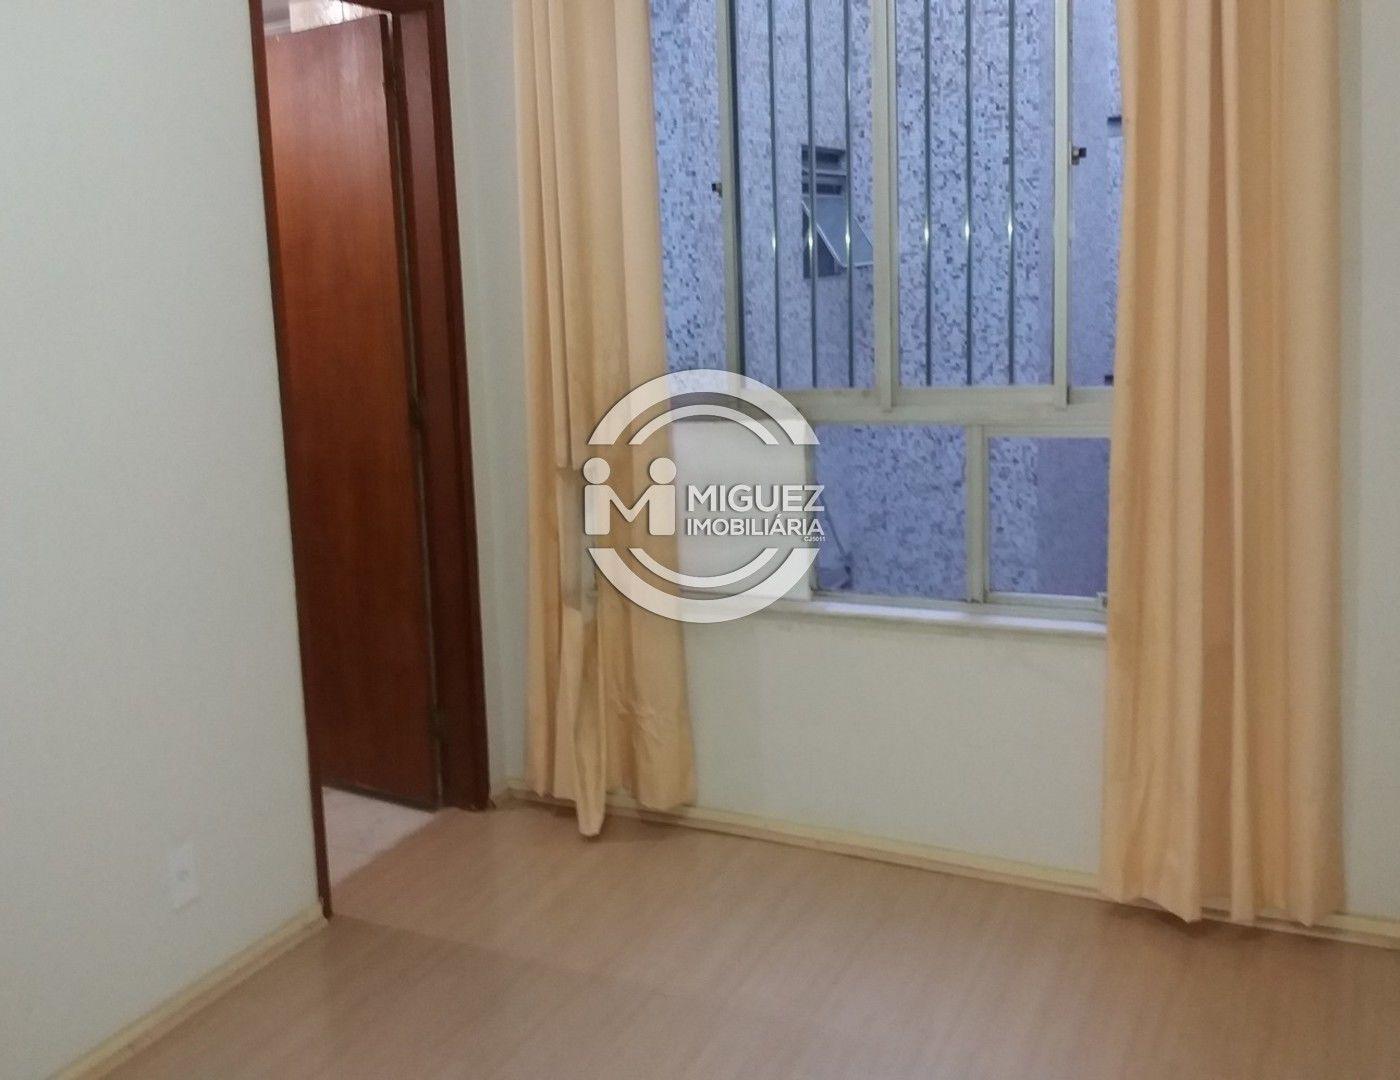 Apartamento, aluguel, Rua Araújo Lima - Tijuca , Rio de janeiro